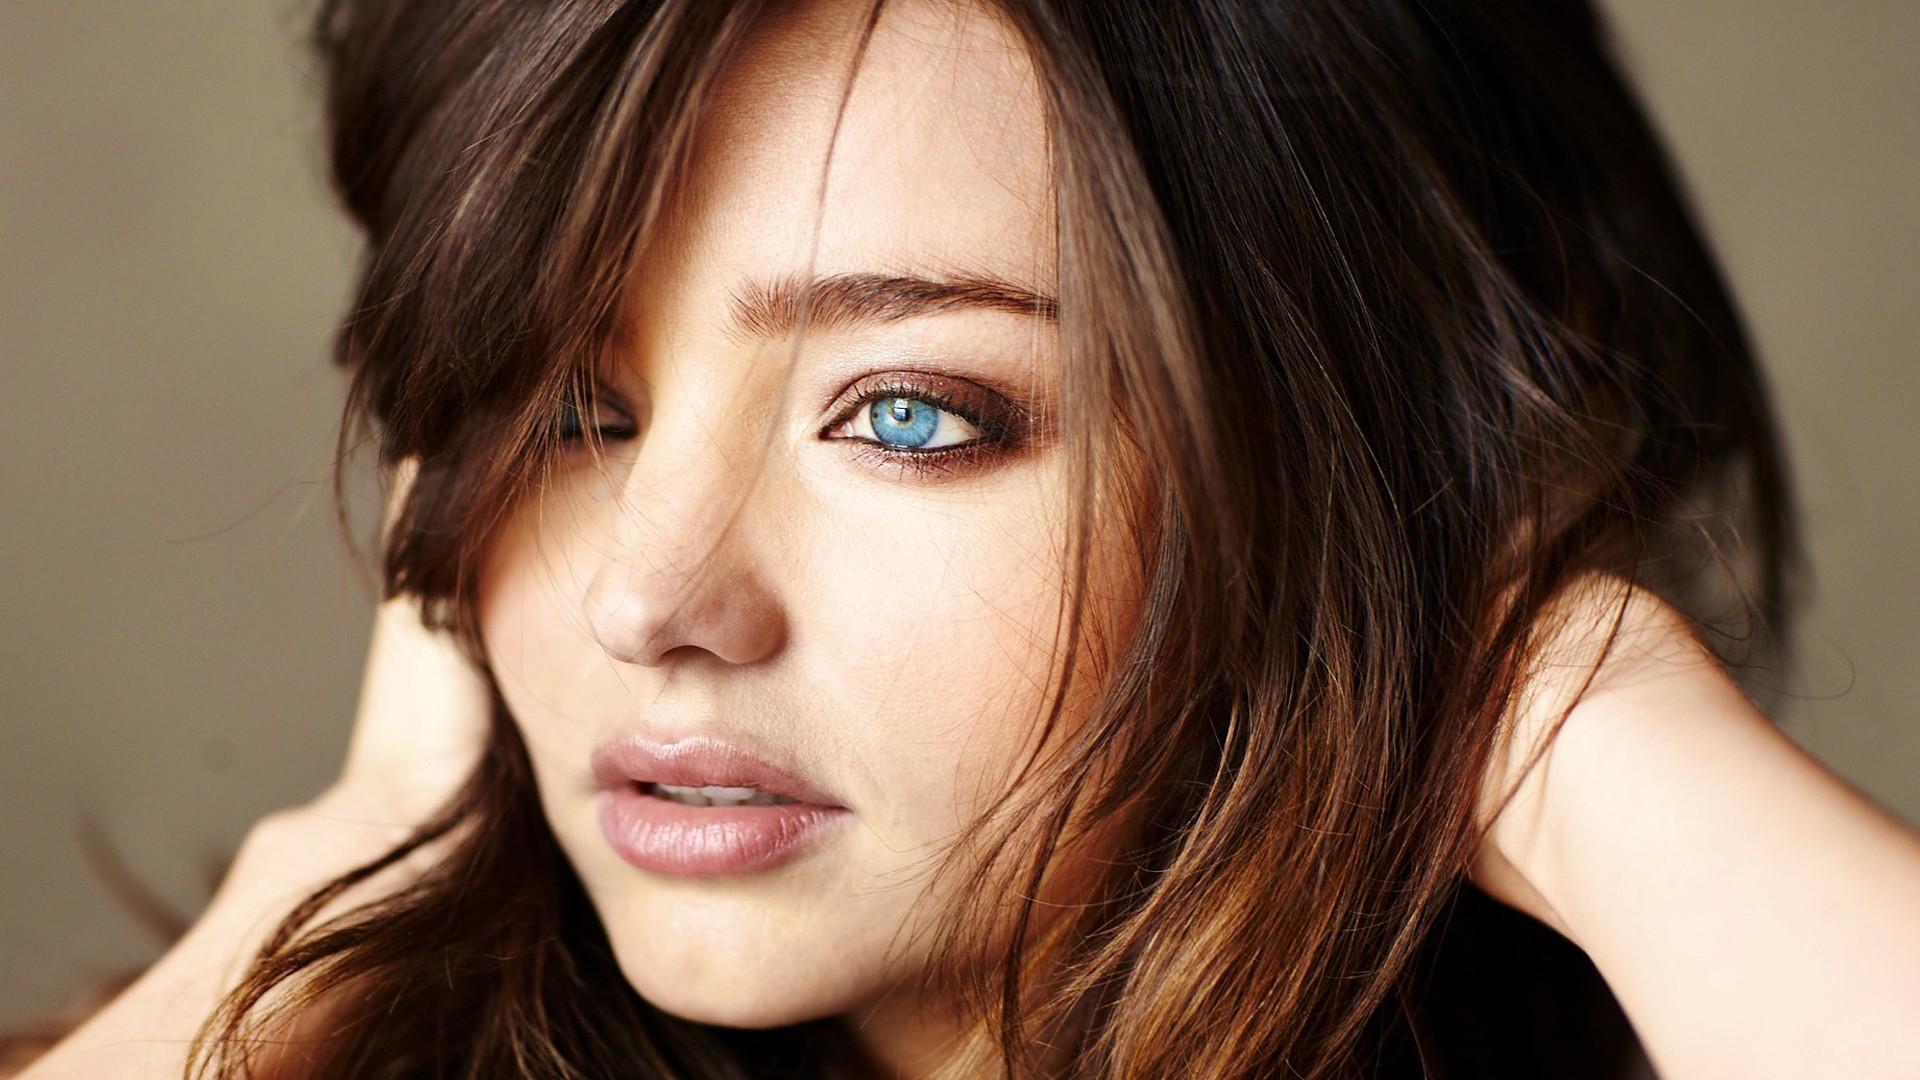 Wallpaper Face Women Model Blue Eyes Brunette: Facebook Covers For Miranda Kerr • PoPoPics.com